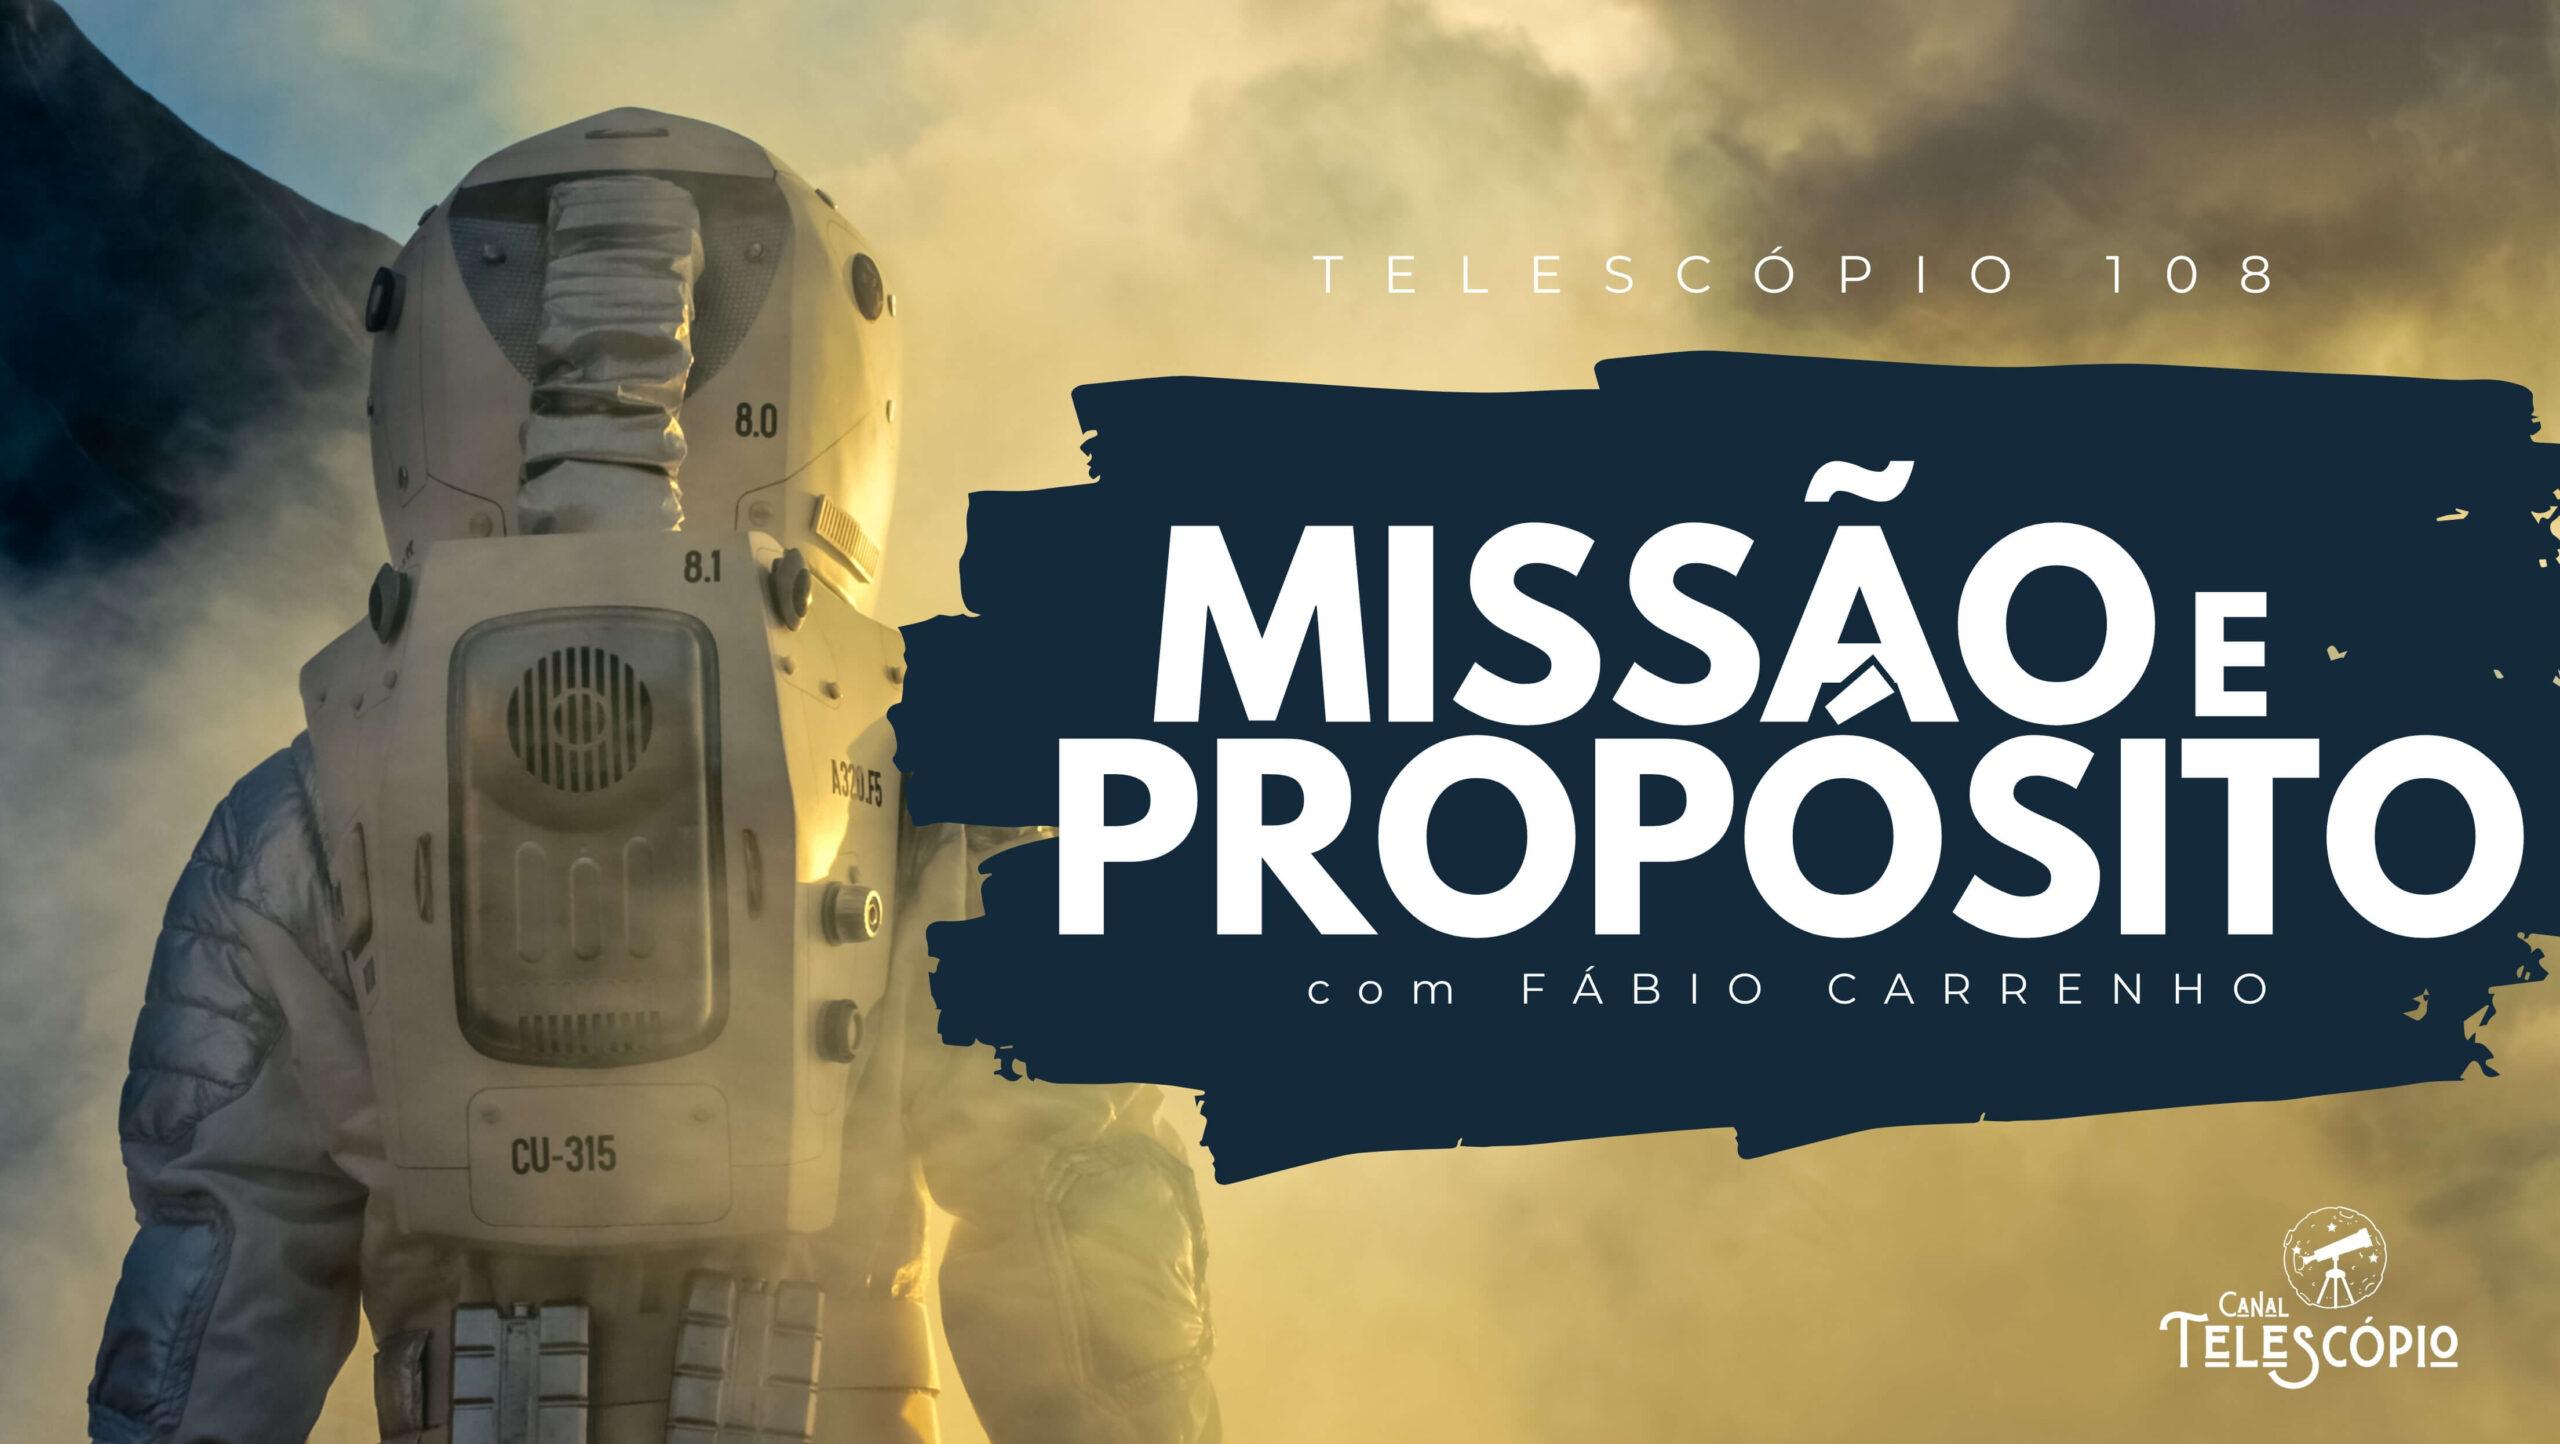 """Imagem de astronauta virado de costas sob fumaça em tom azul e amarelo. Na parte superior o título do programa """"Missão e Propósito com Fábio Carrenho""""."""